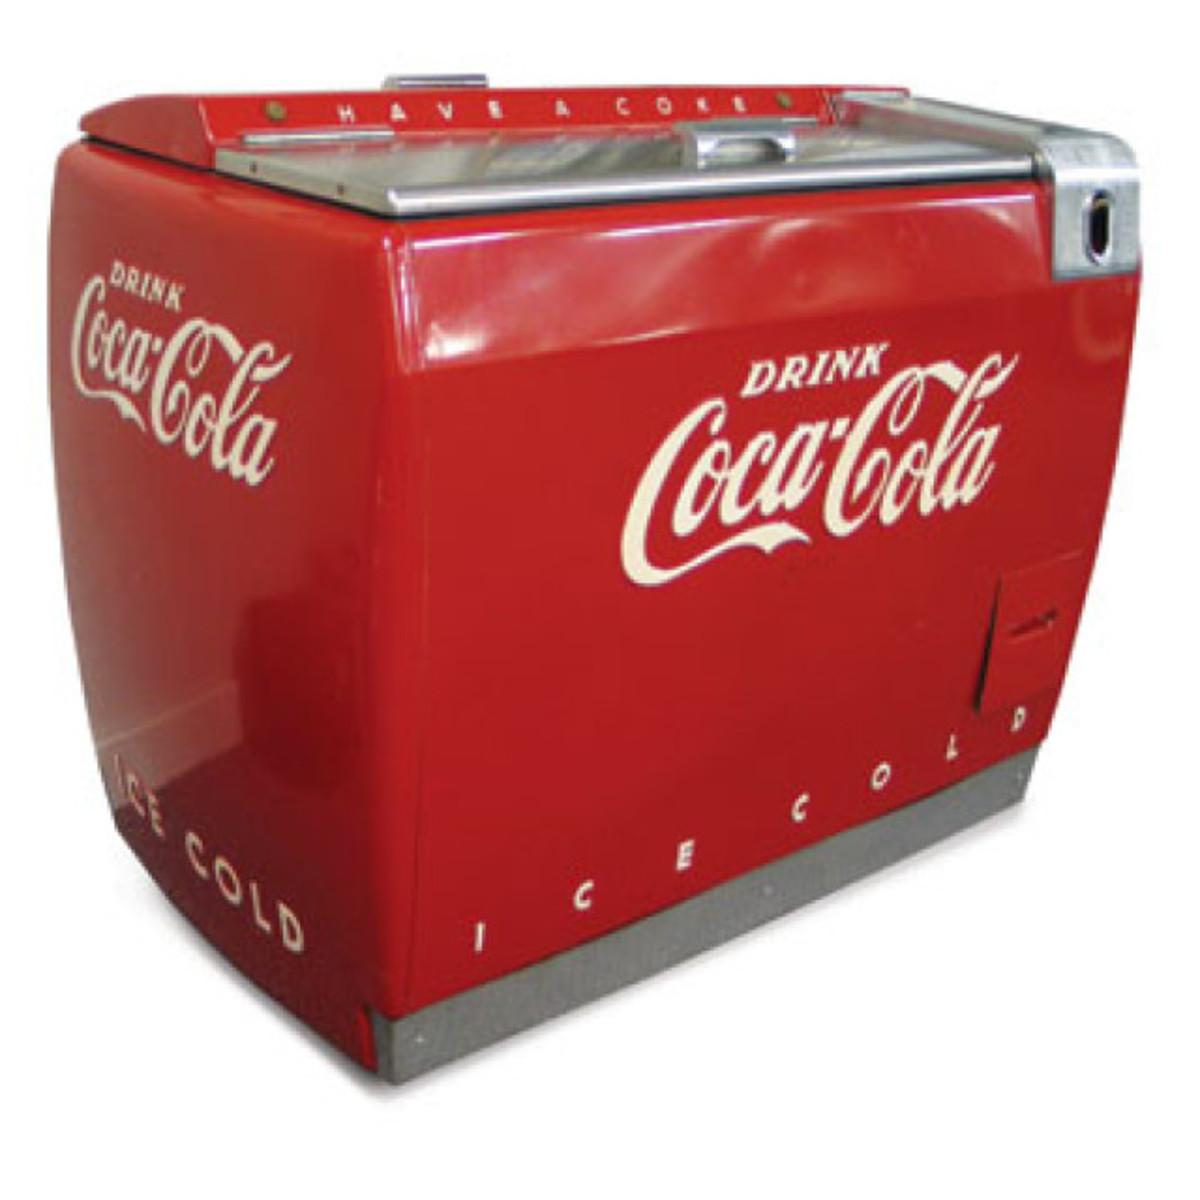 vintage coca cola coolers hubpages. Black Bedroom Furniture Sets. Home Design Ideas